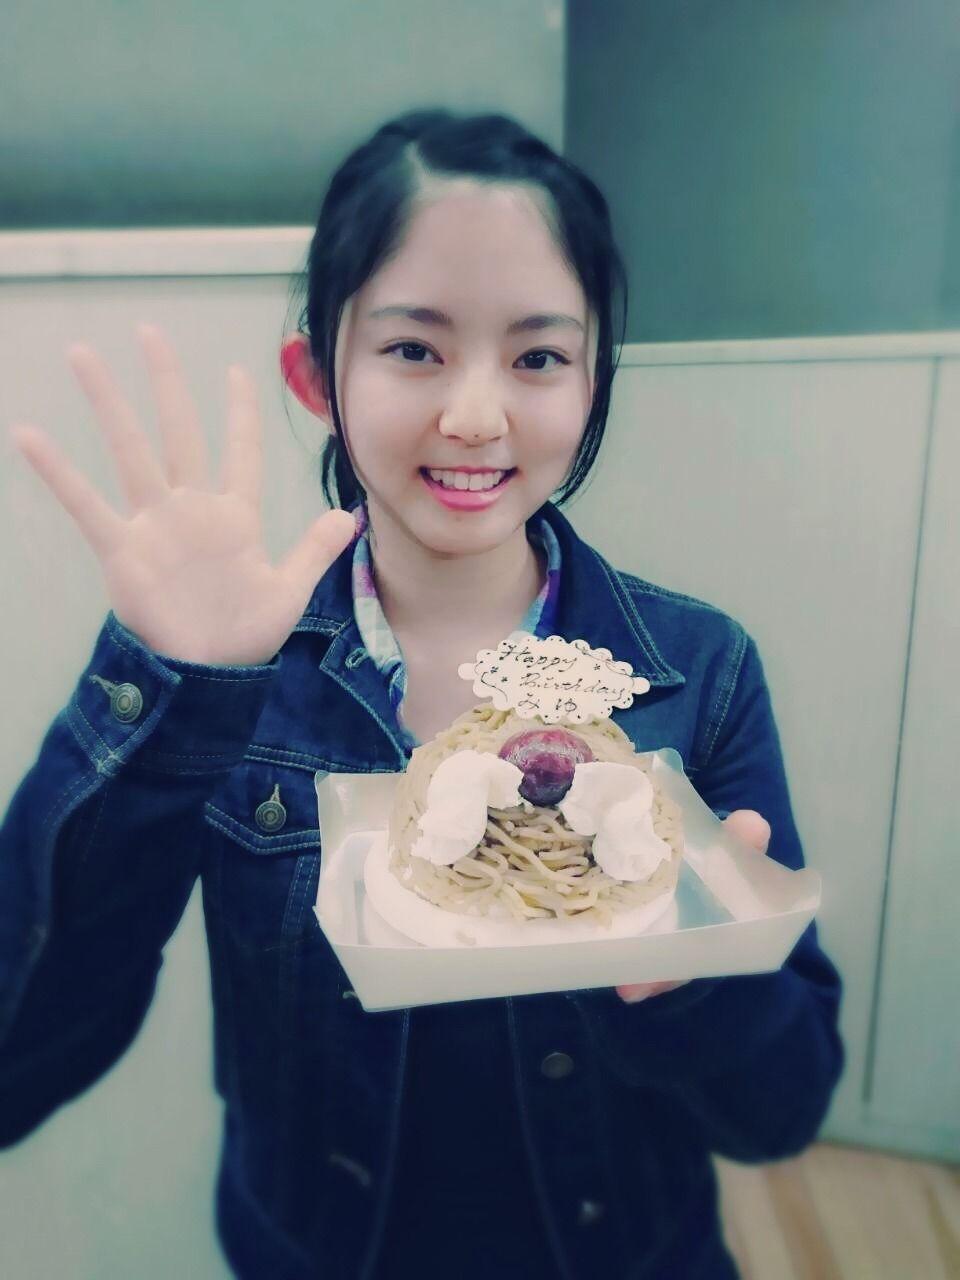 ケーキをもって手を振っている鈴本美愉の画像♪